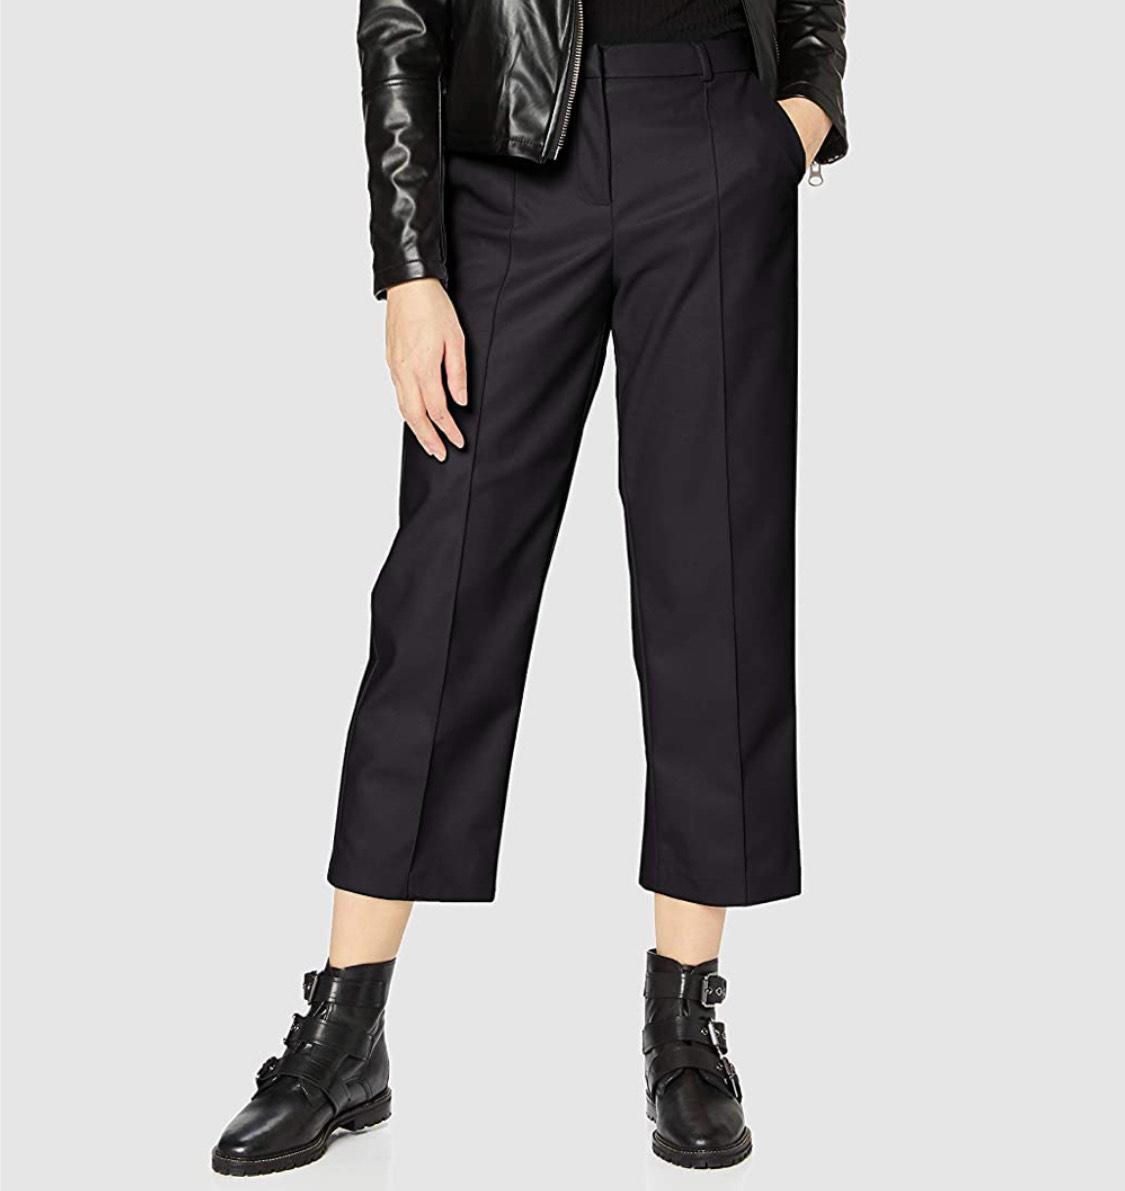 Pantalón imitación piel Only mujer talla M (otras tallas disponibles)